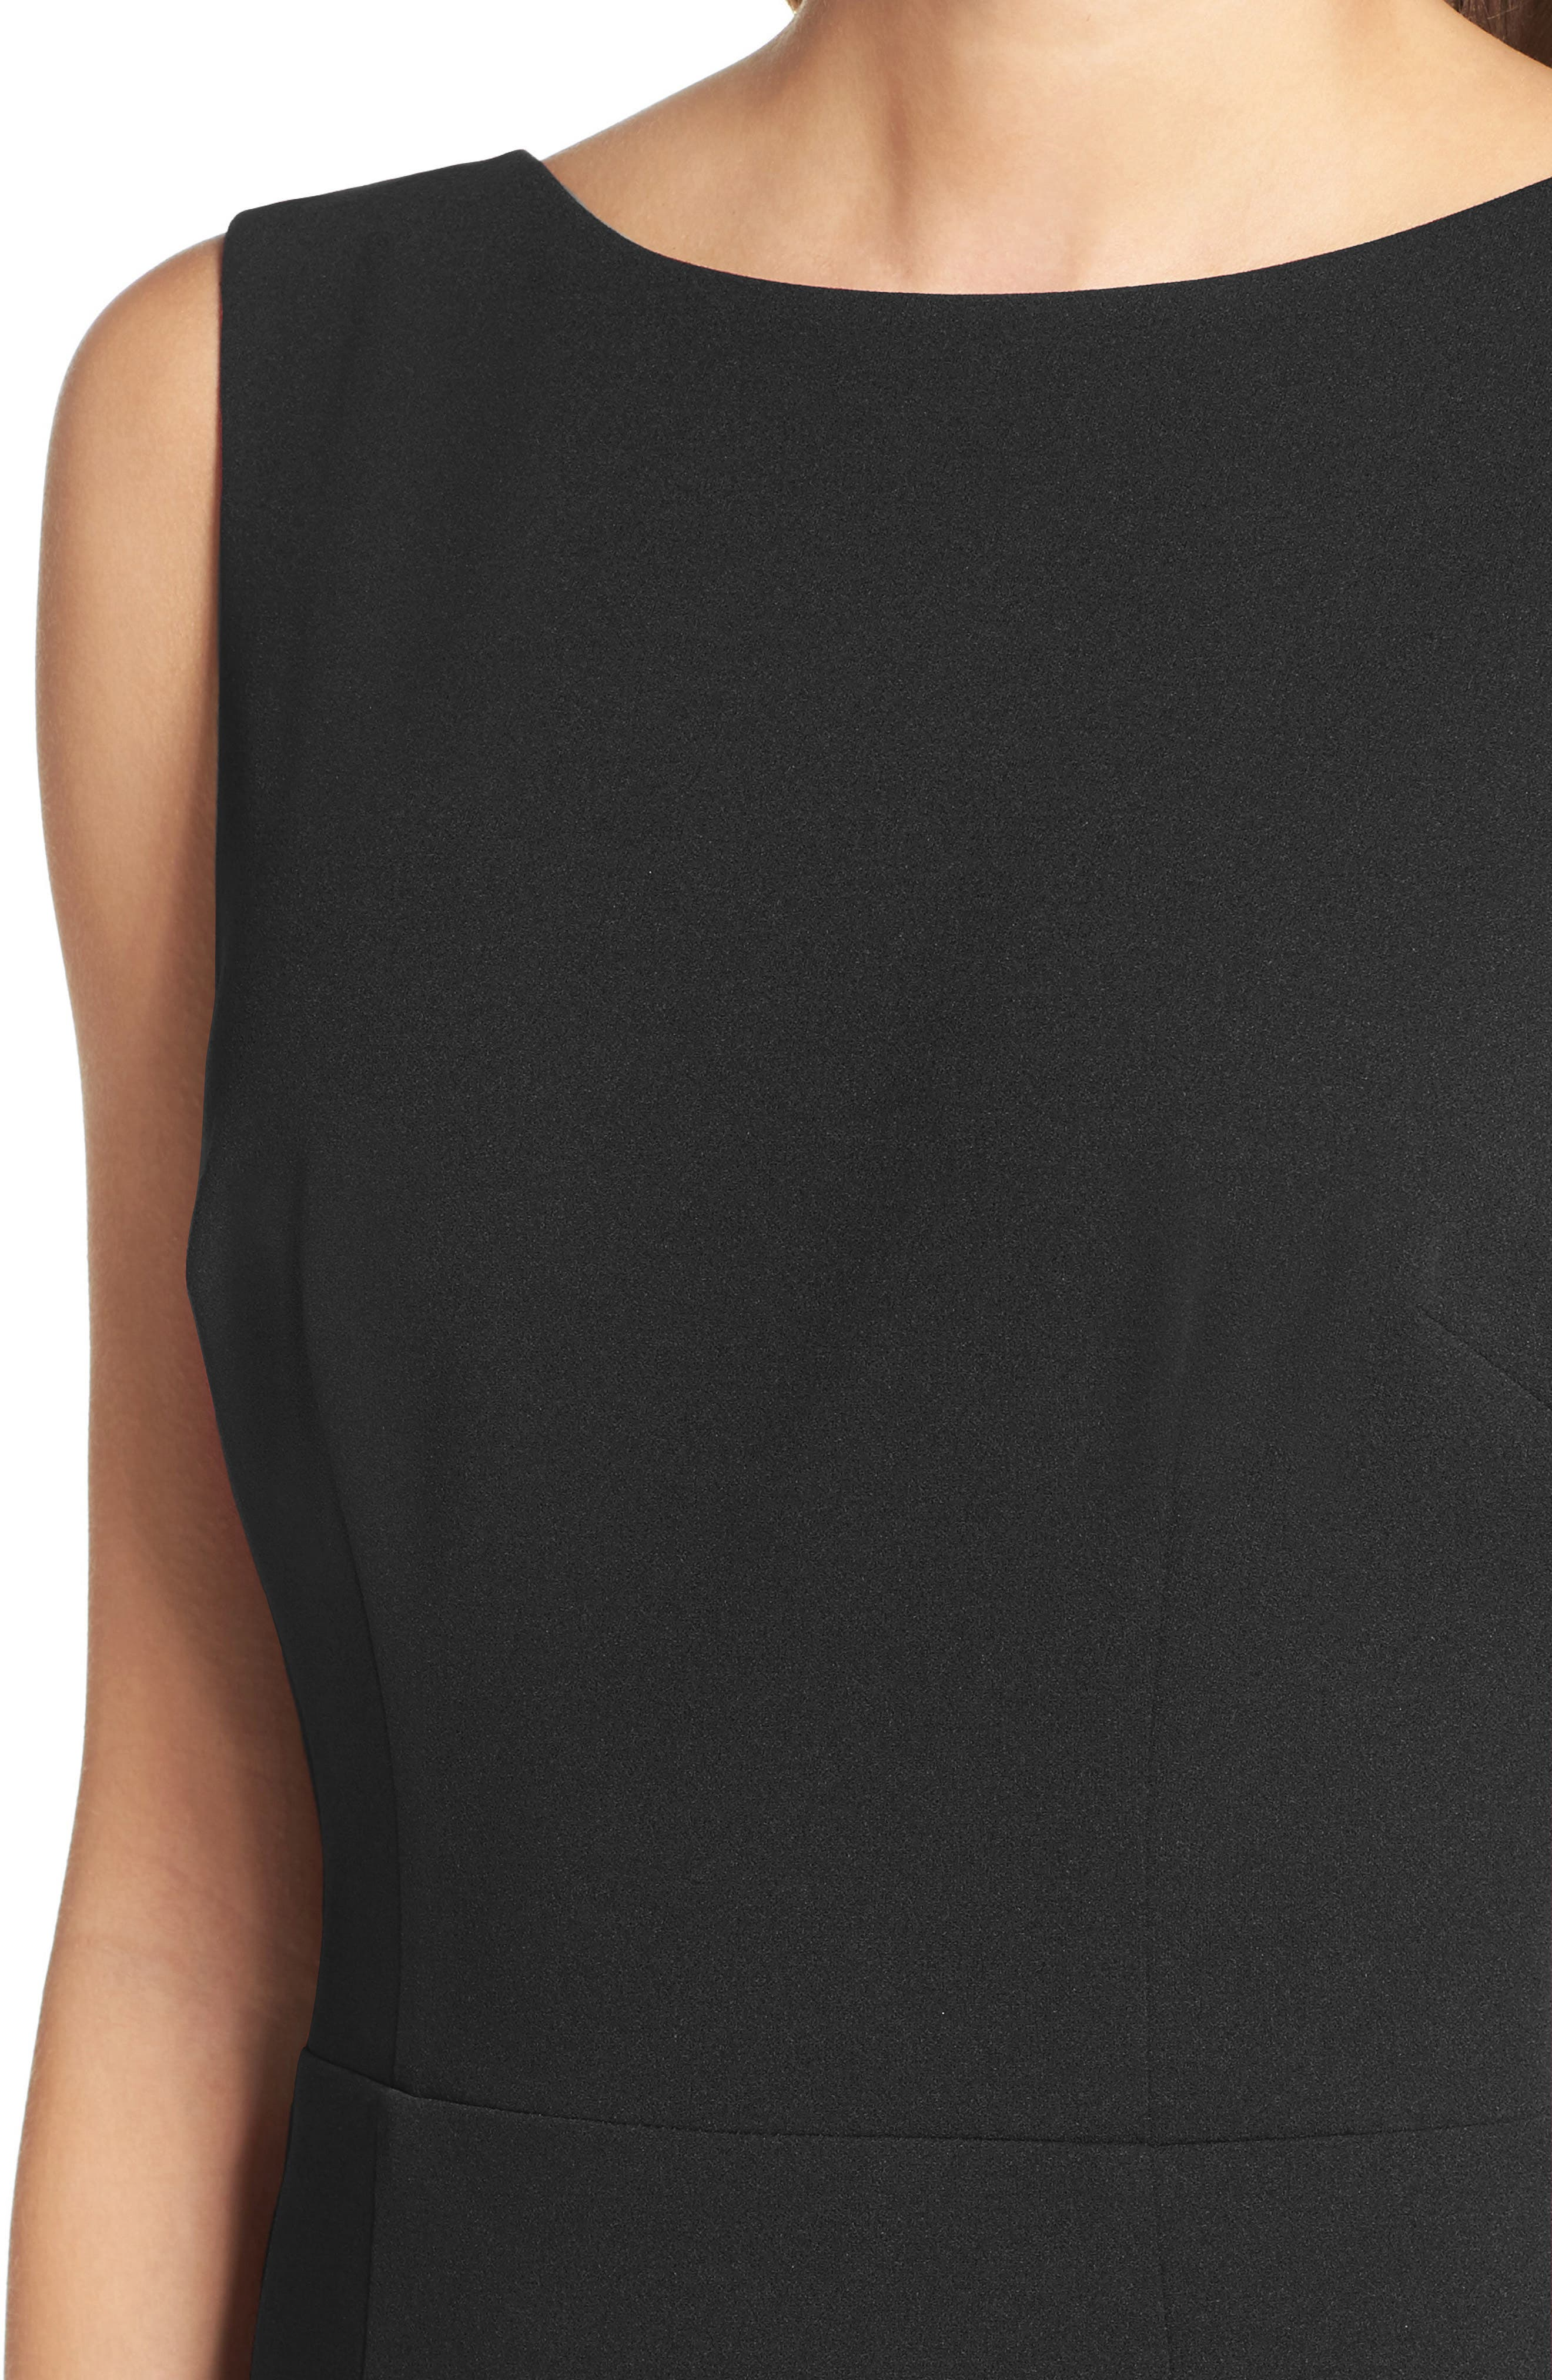 KATIE MAY, Vionnet Drape Back Crepe Gown, Alternate thumbnail 4, color, BLACK